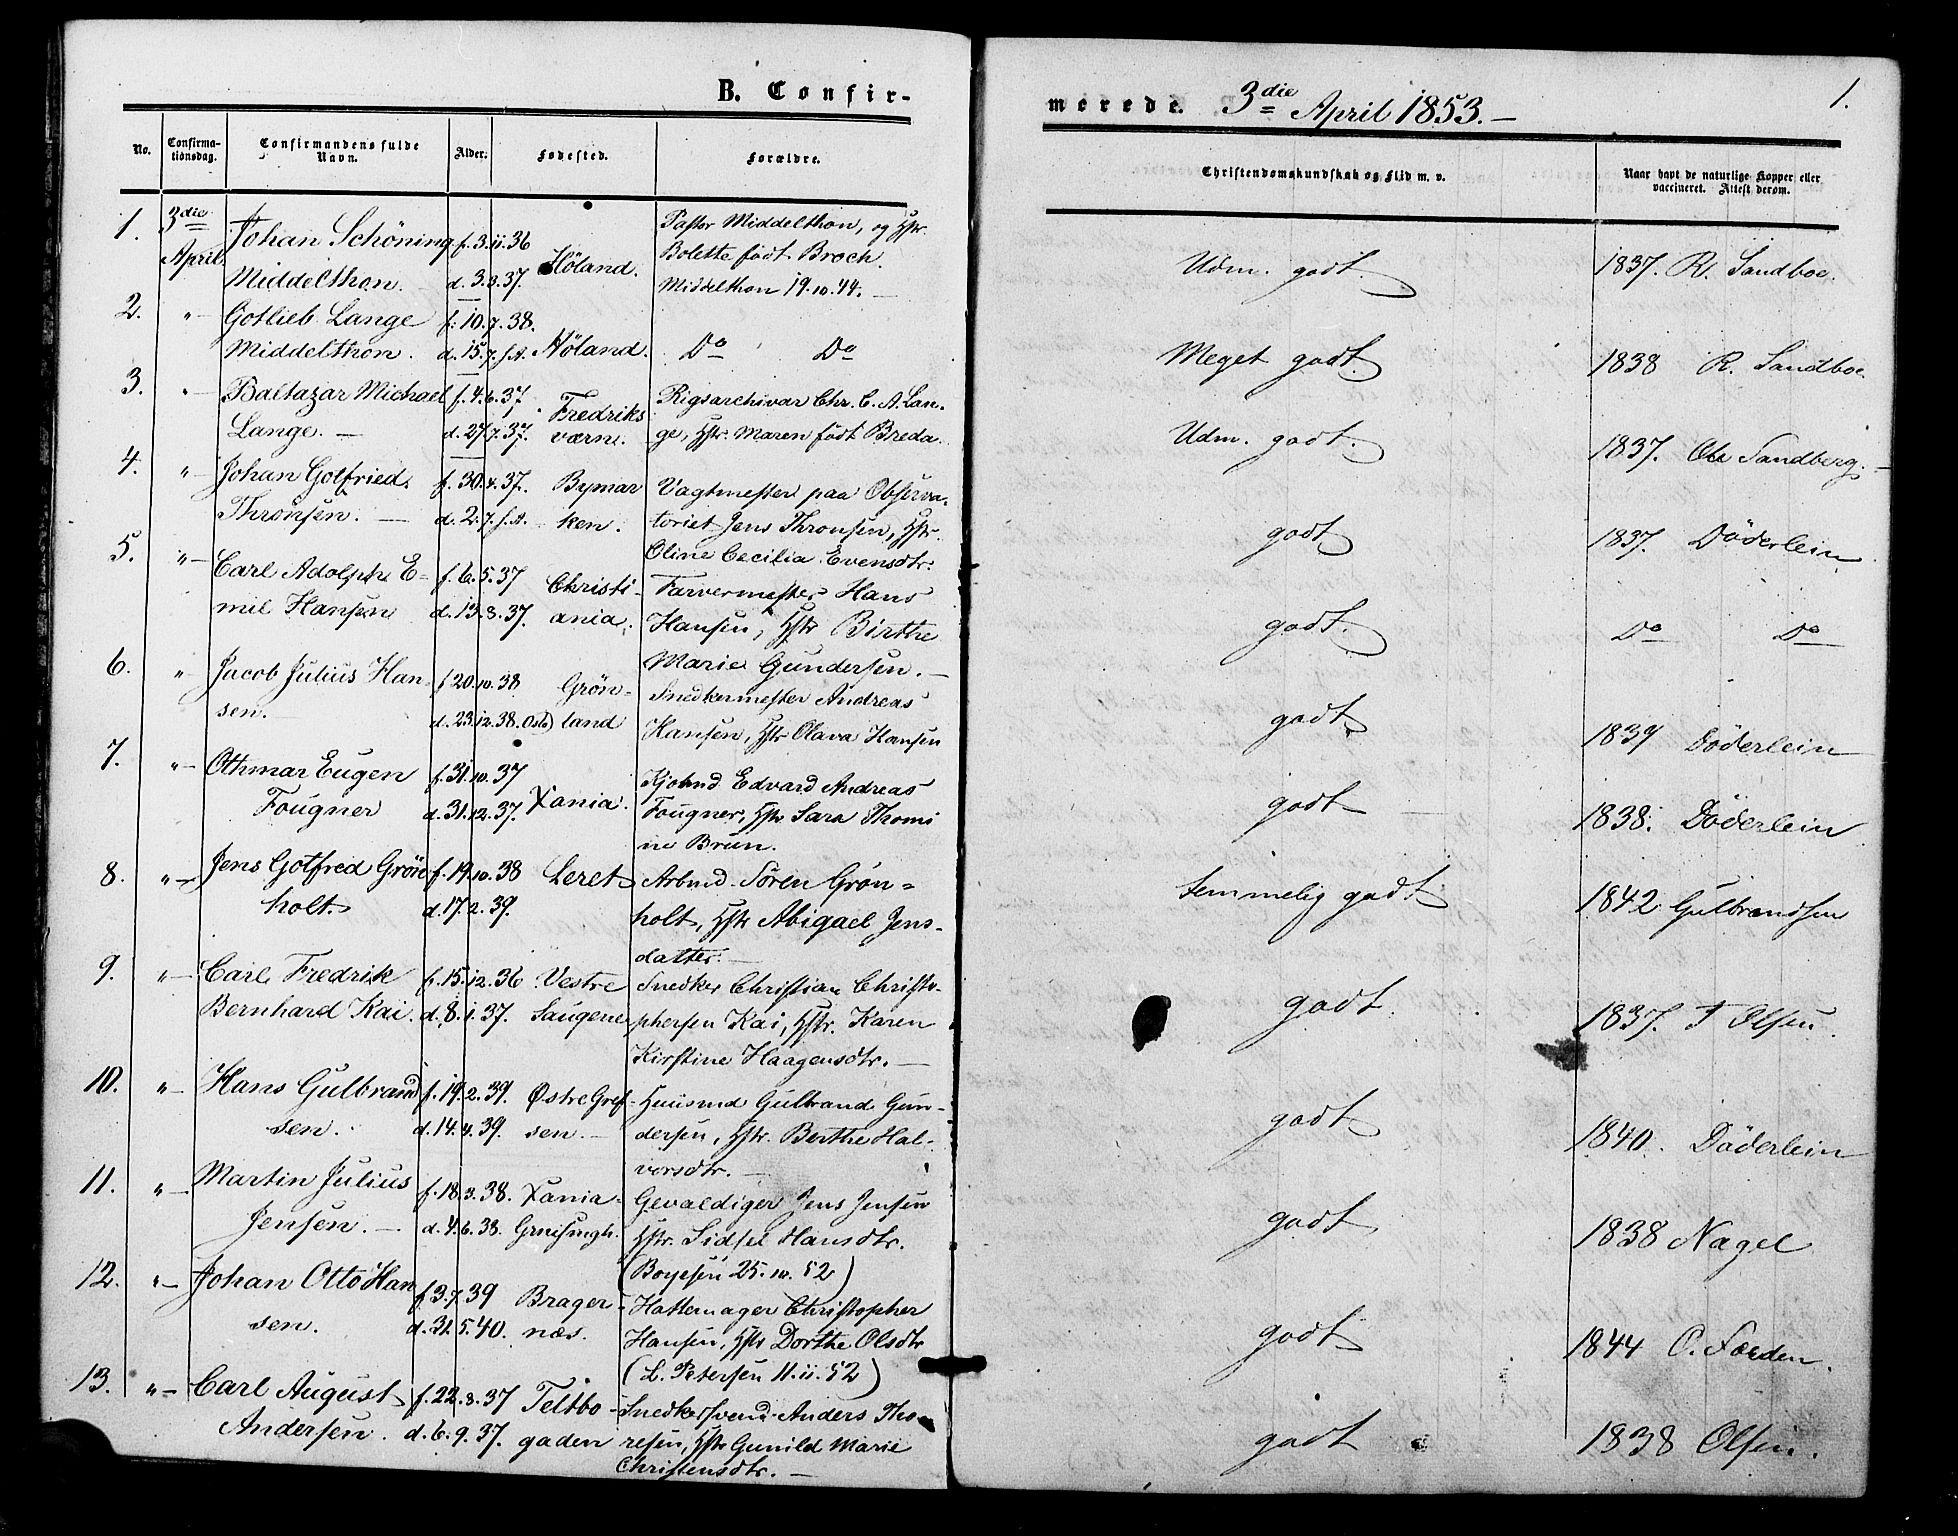 SAO, Vestre Aker prestekontor Kirkebøker, F/Fa/L0001: Ministerialbok nr. 1, 1853-1858, s. 1